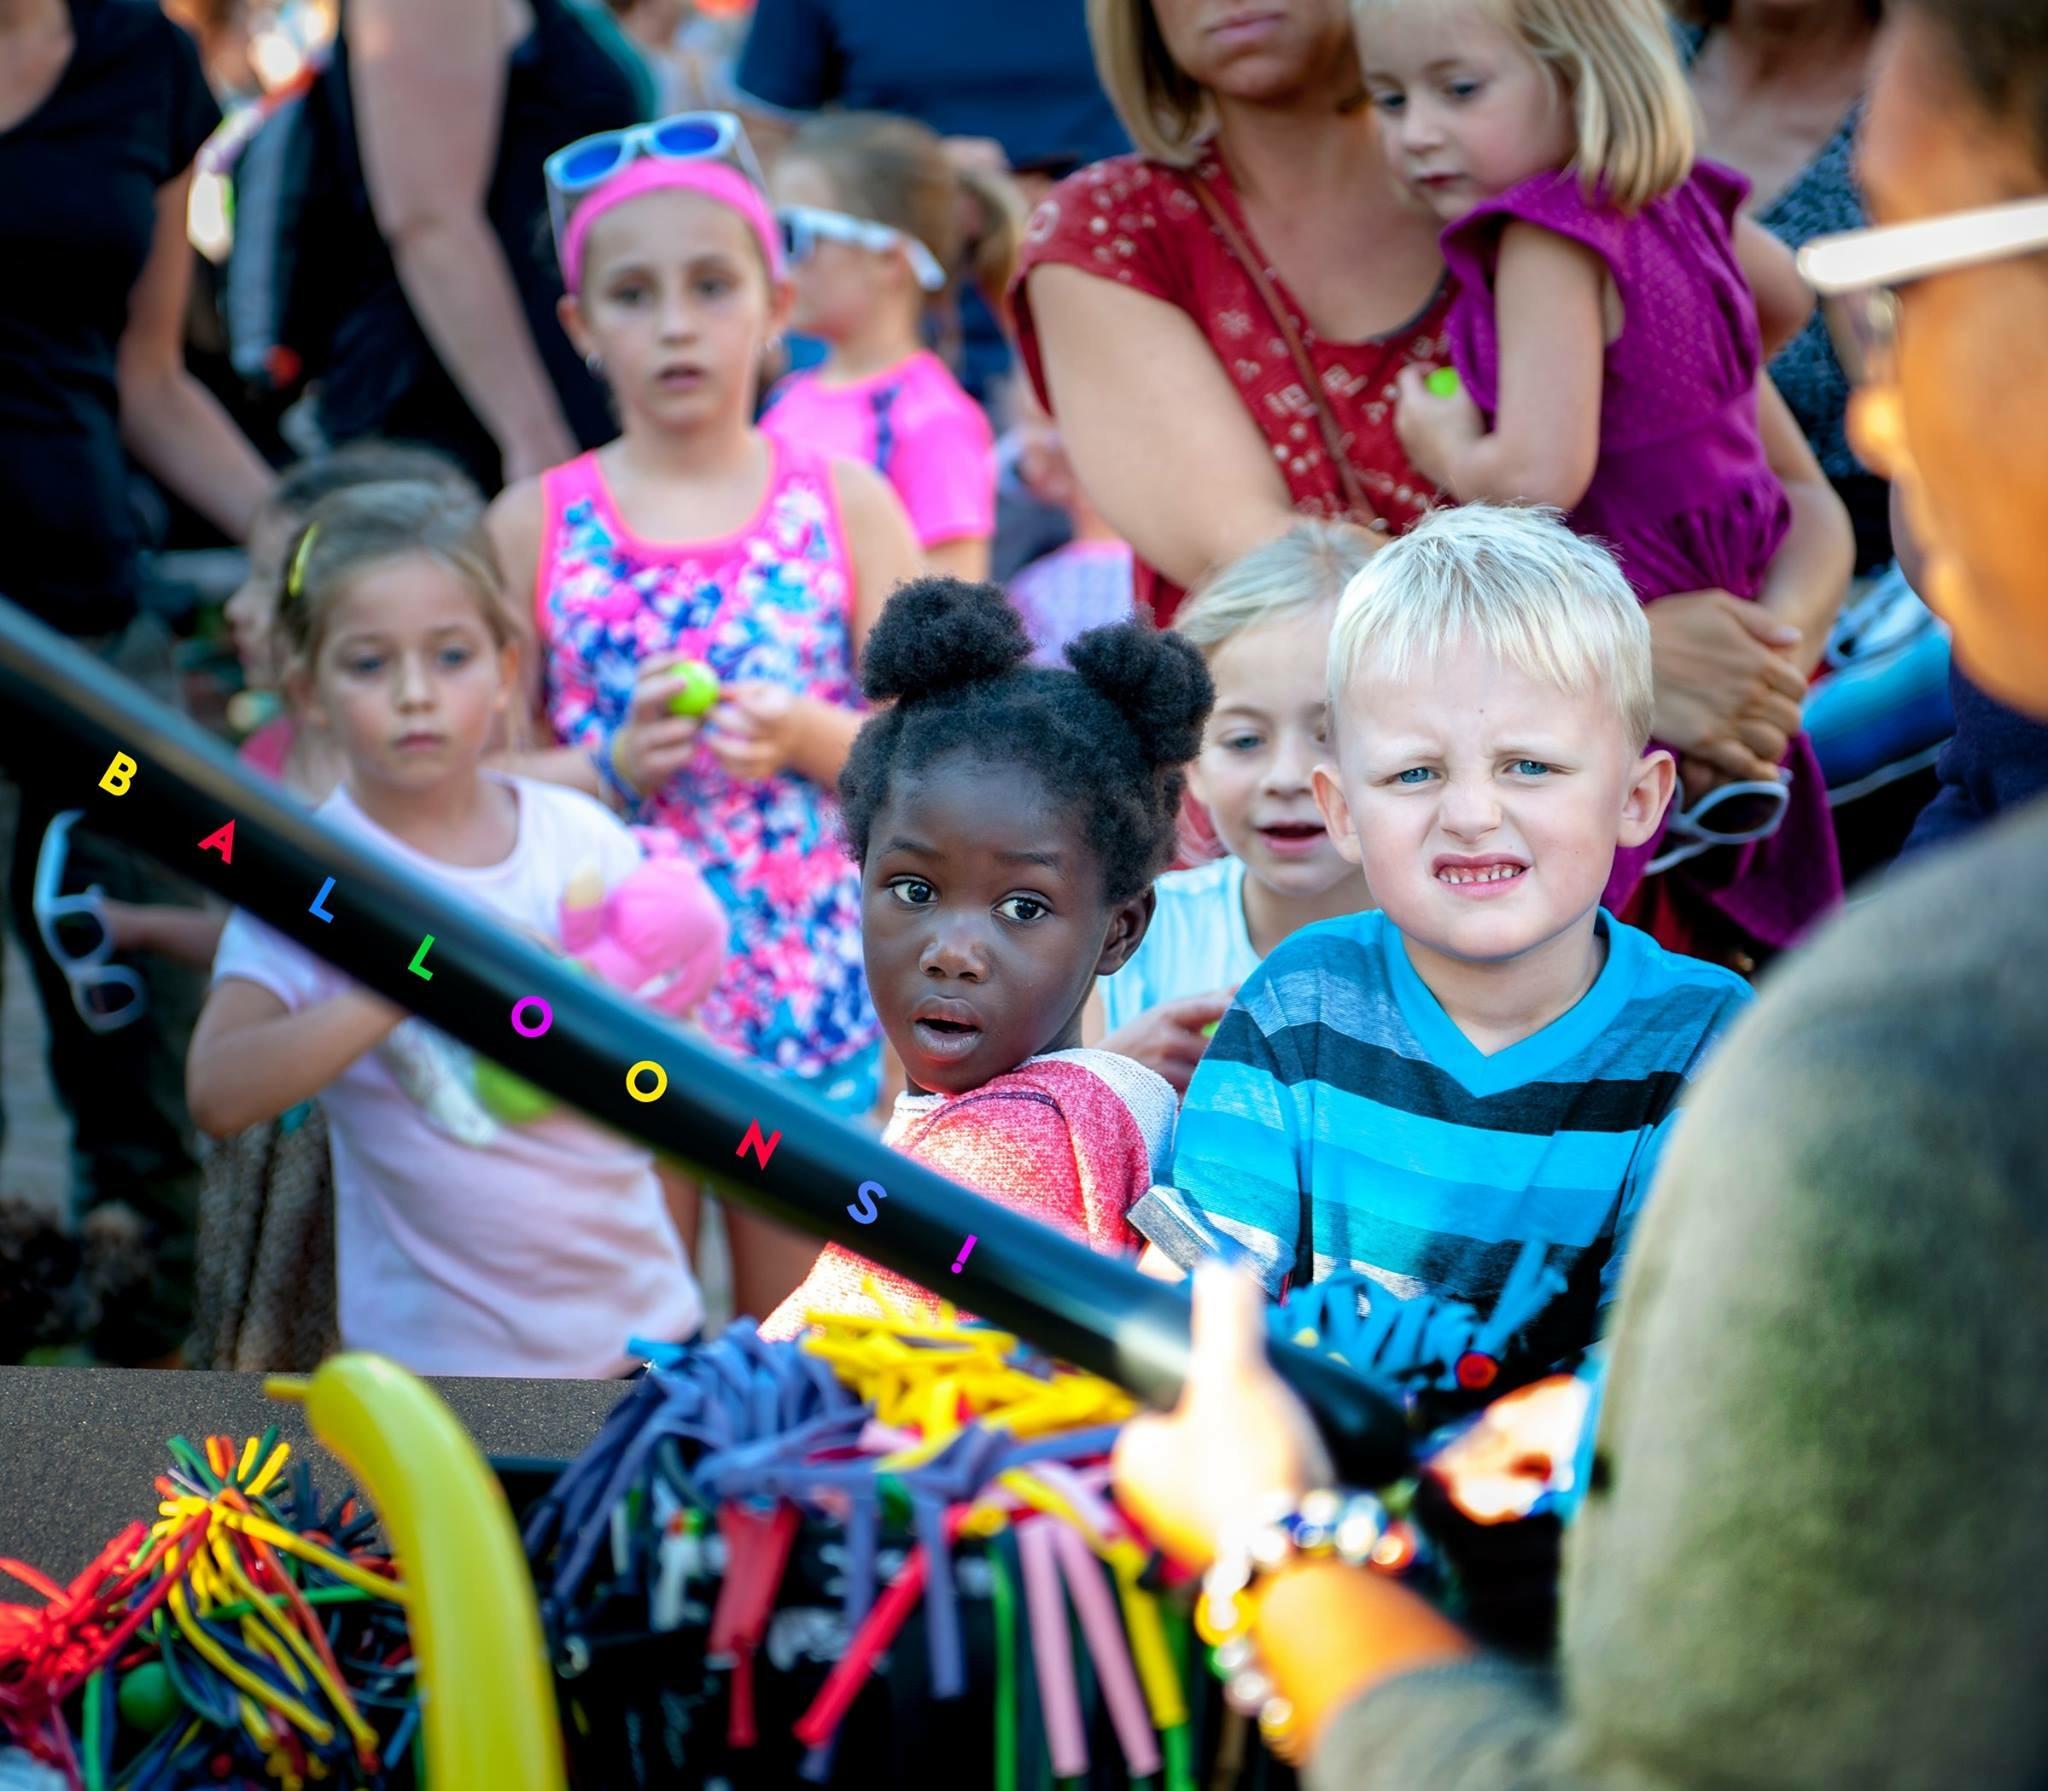 Balloon Animals in Minneapolis, MN